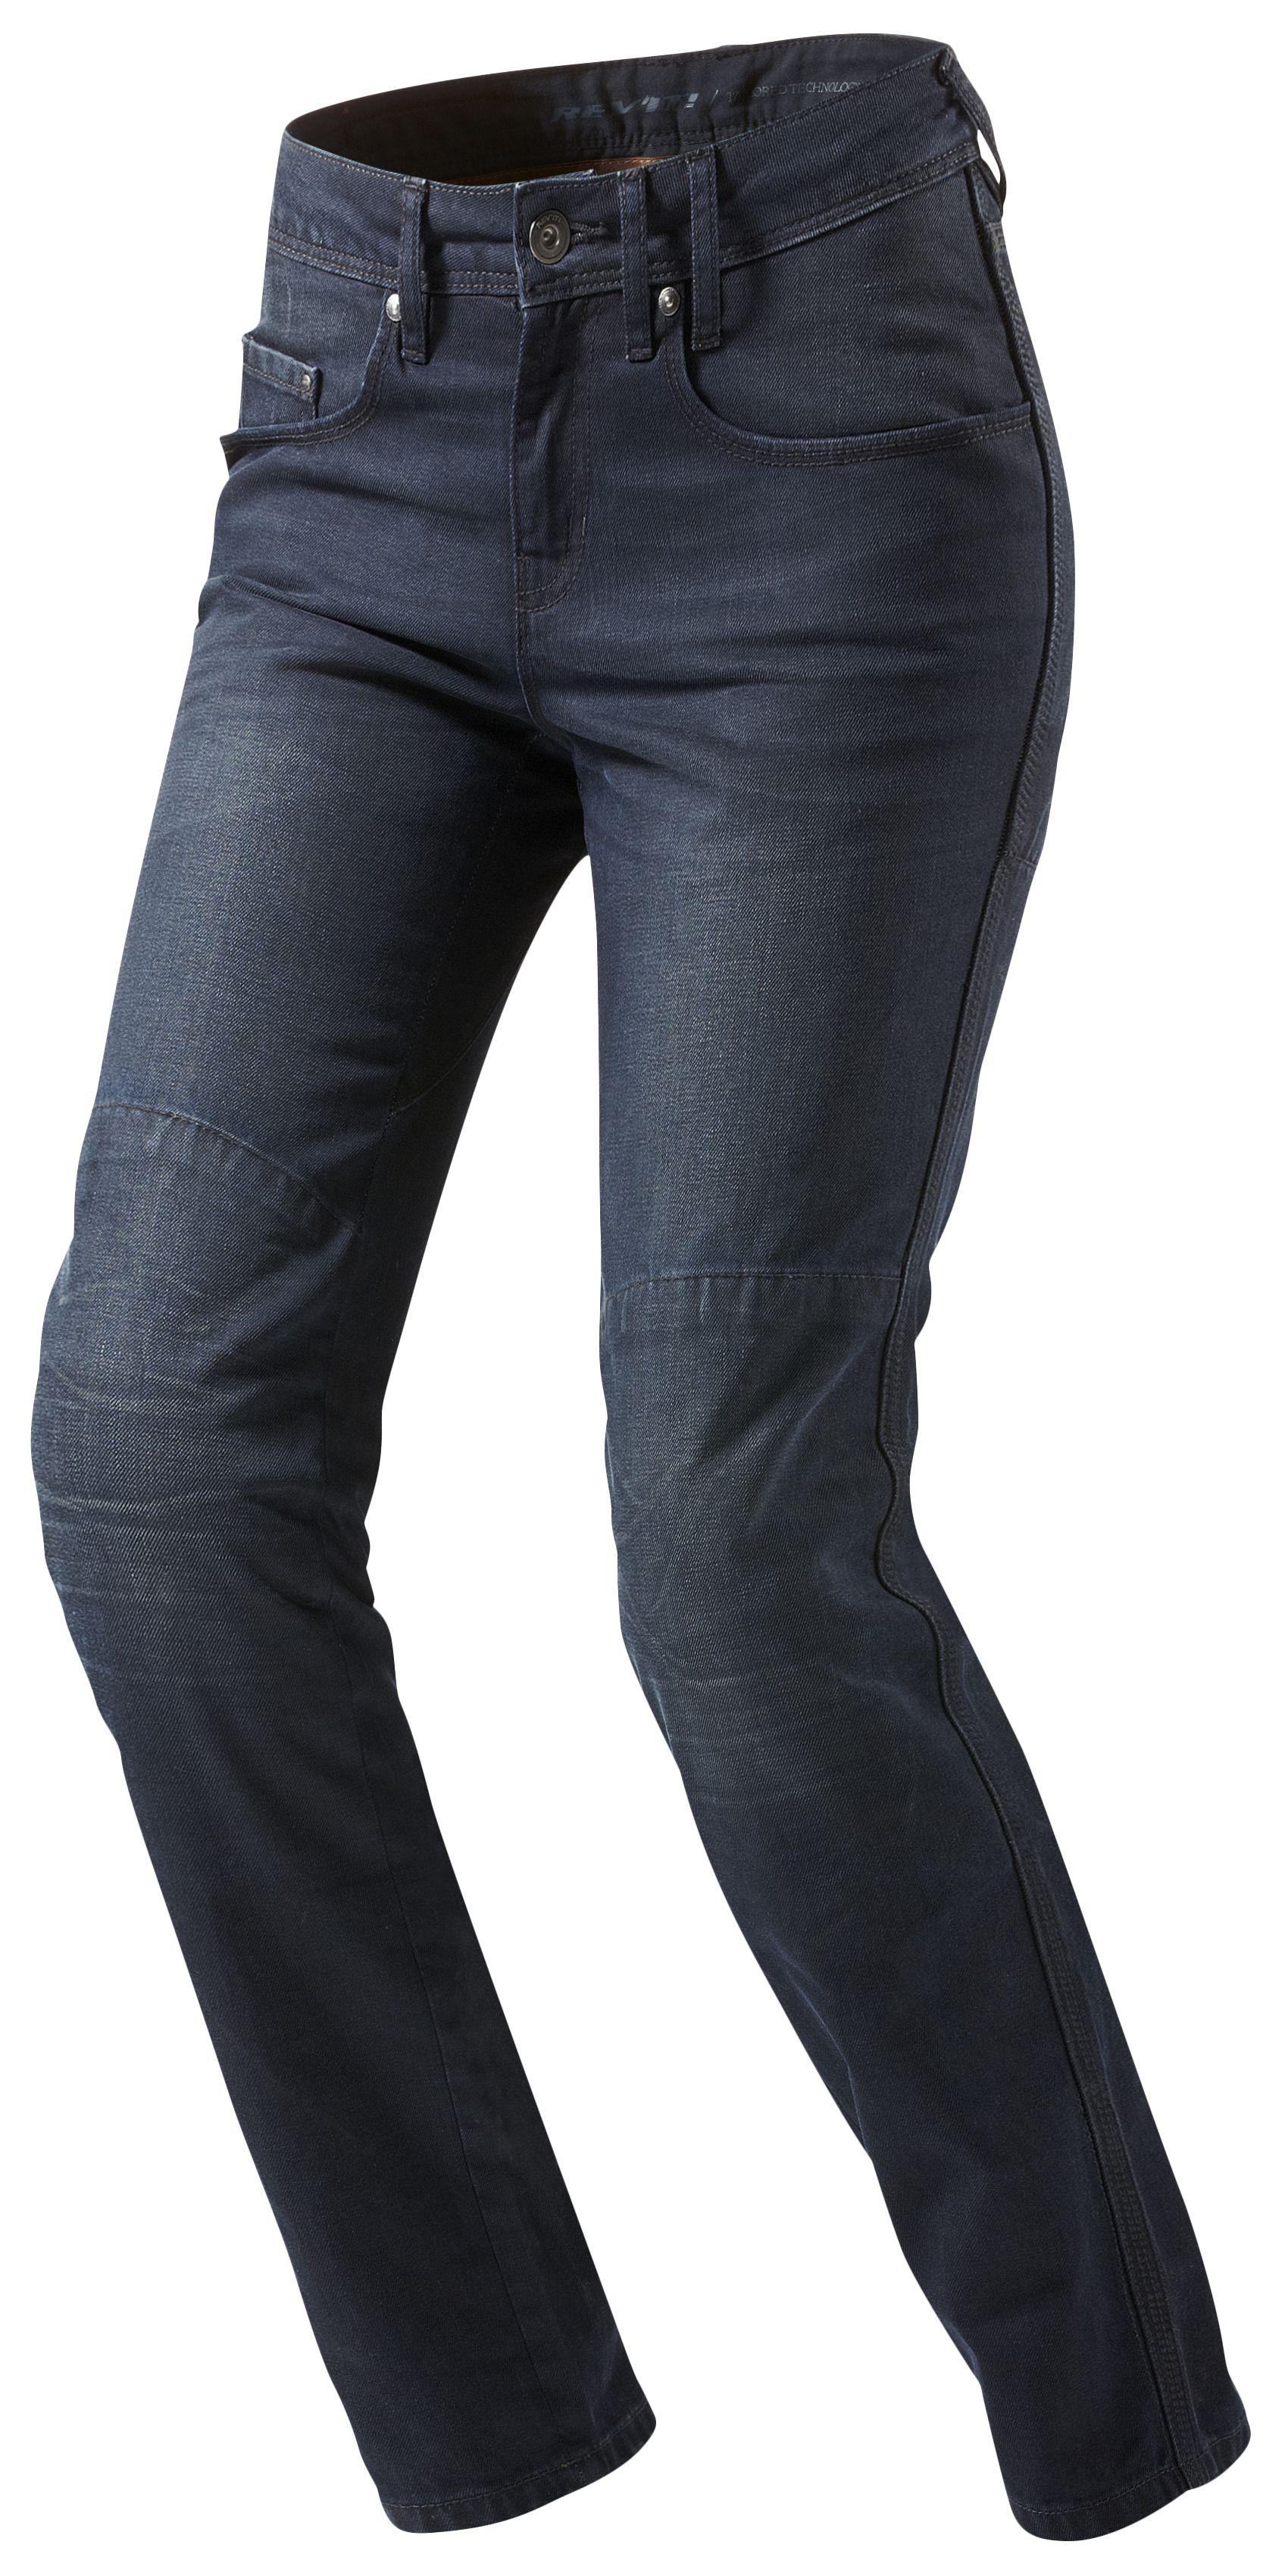 REV'IT! Broadway Women's Jeans - RevZilla